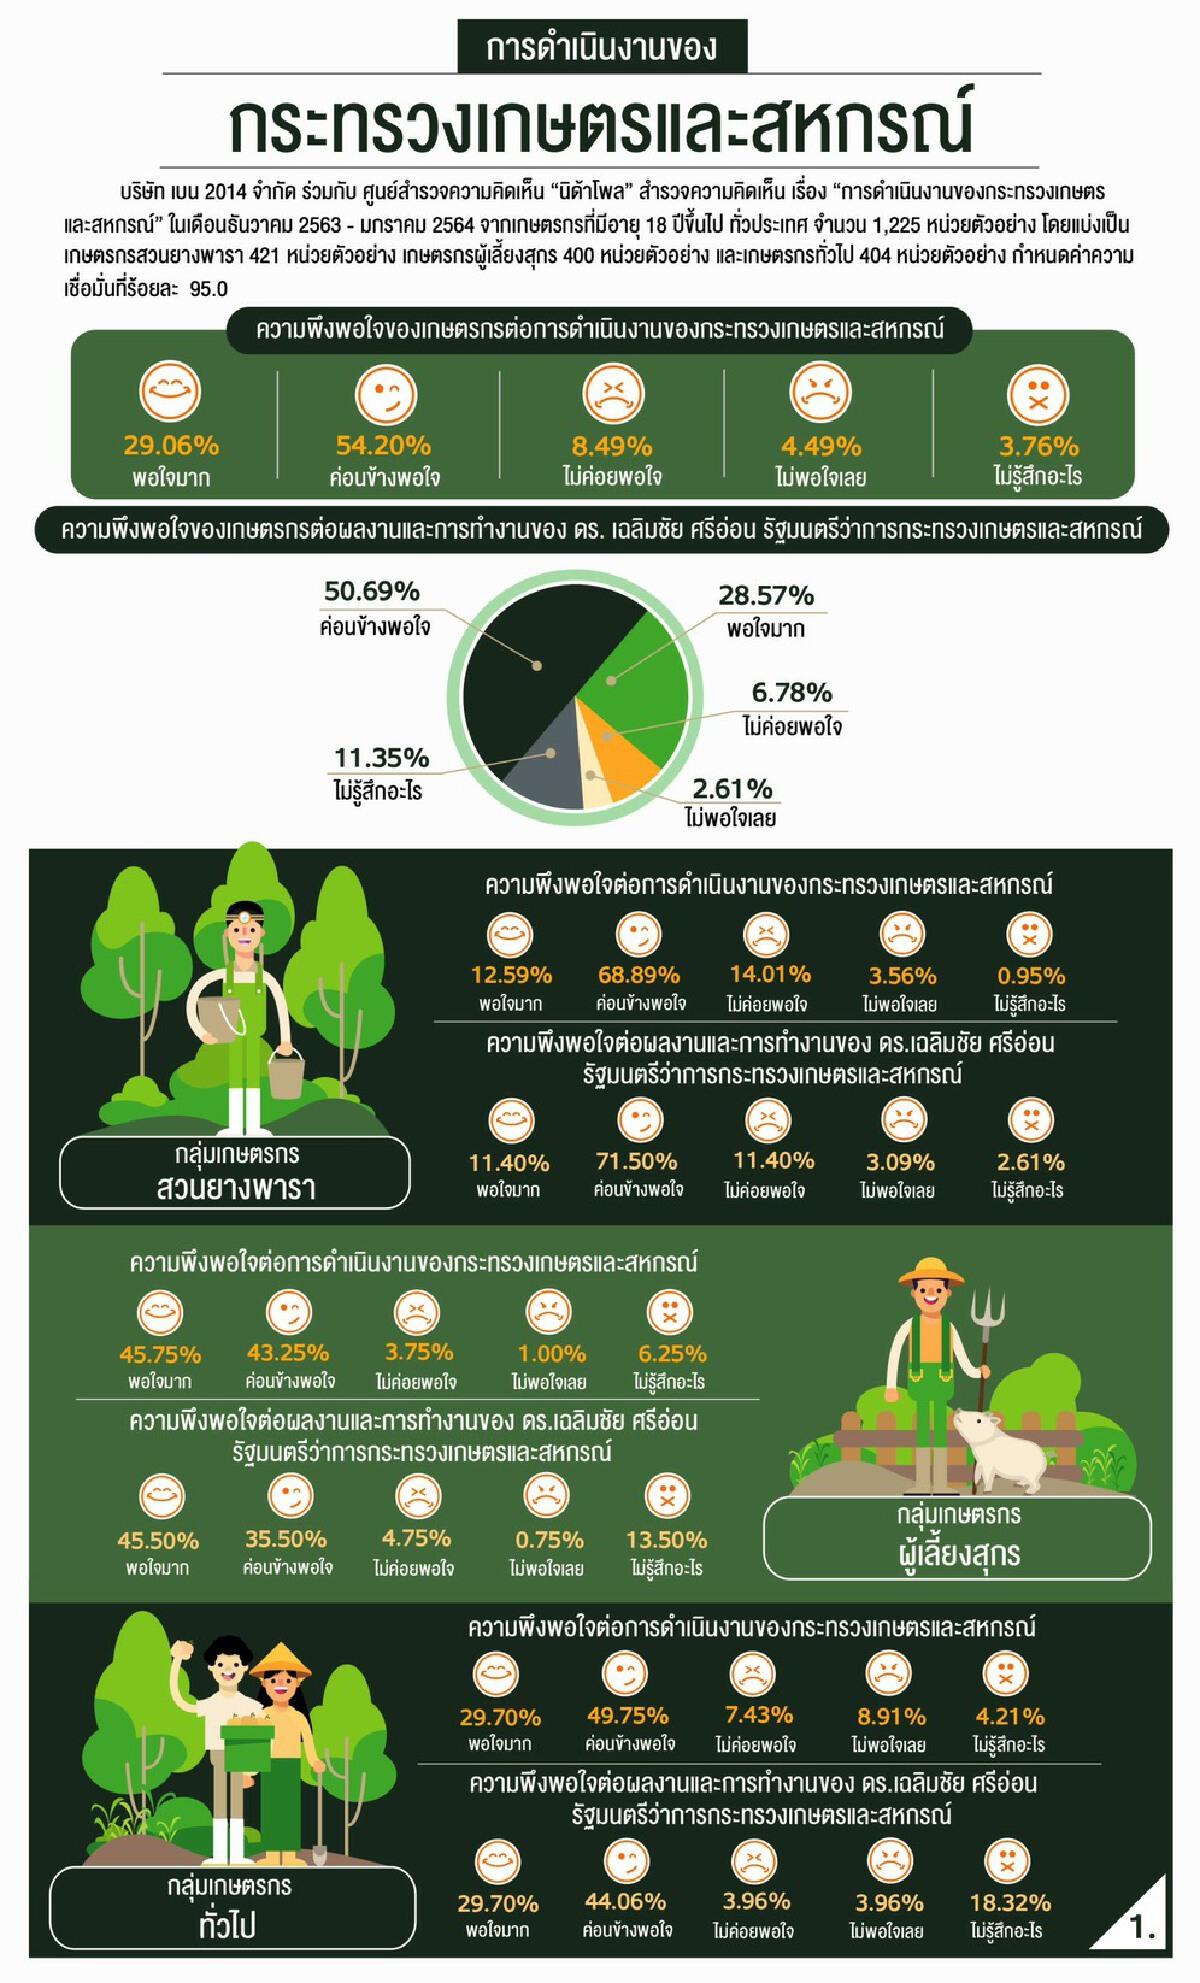 เปิดผลสำรวจ นิด้าโพล เผยเกษตรกร 83% พอใจผลงานกระทรวงเกษตรฯ